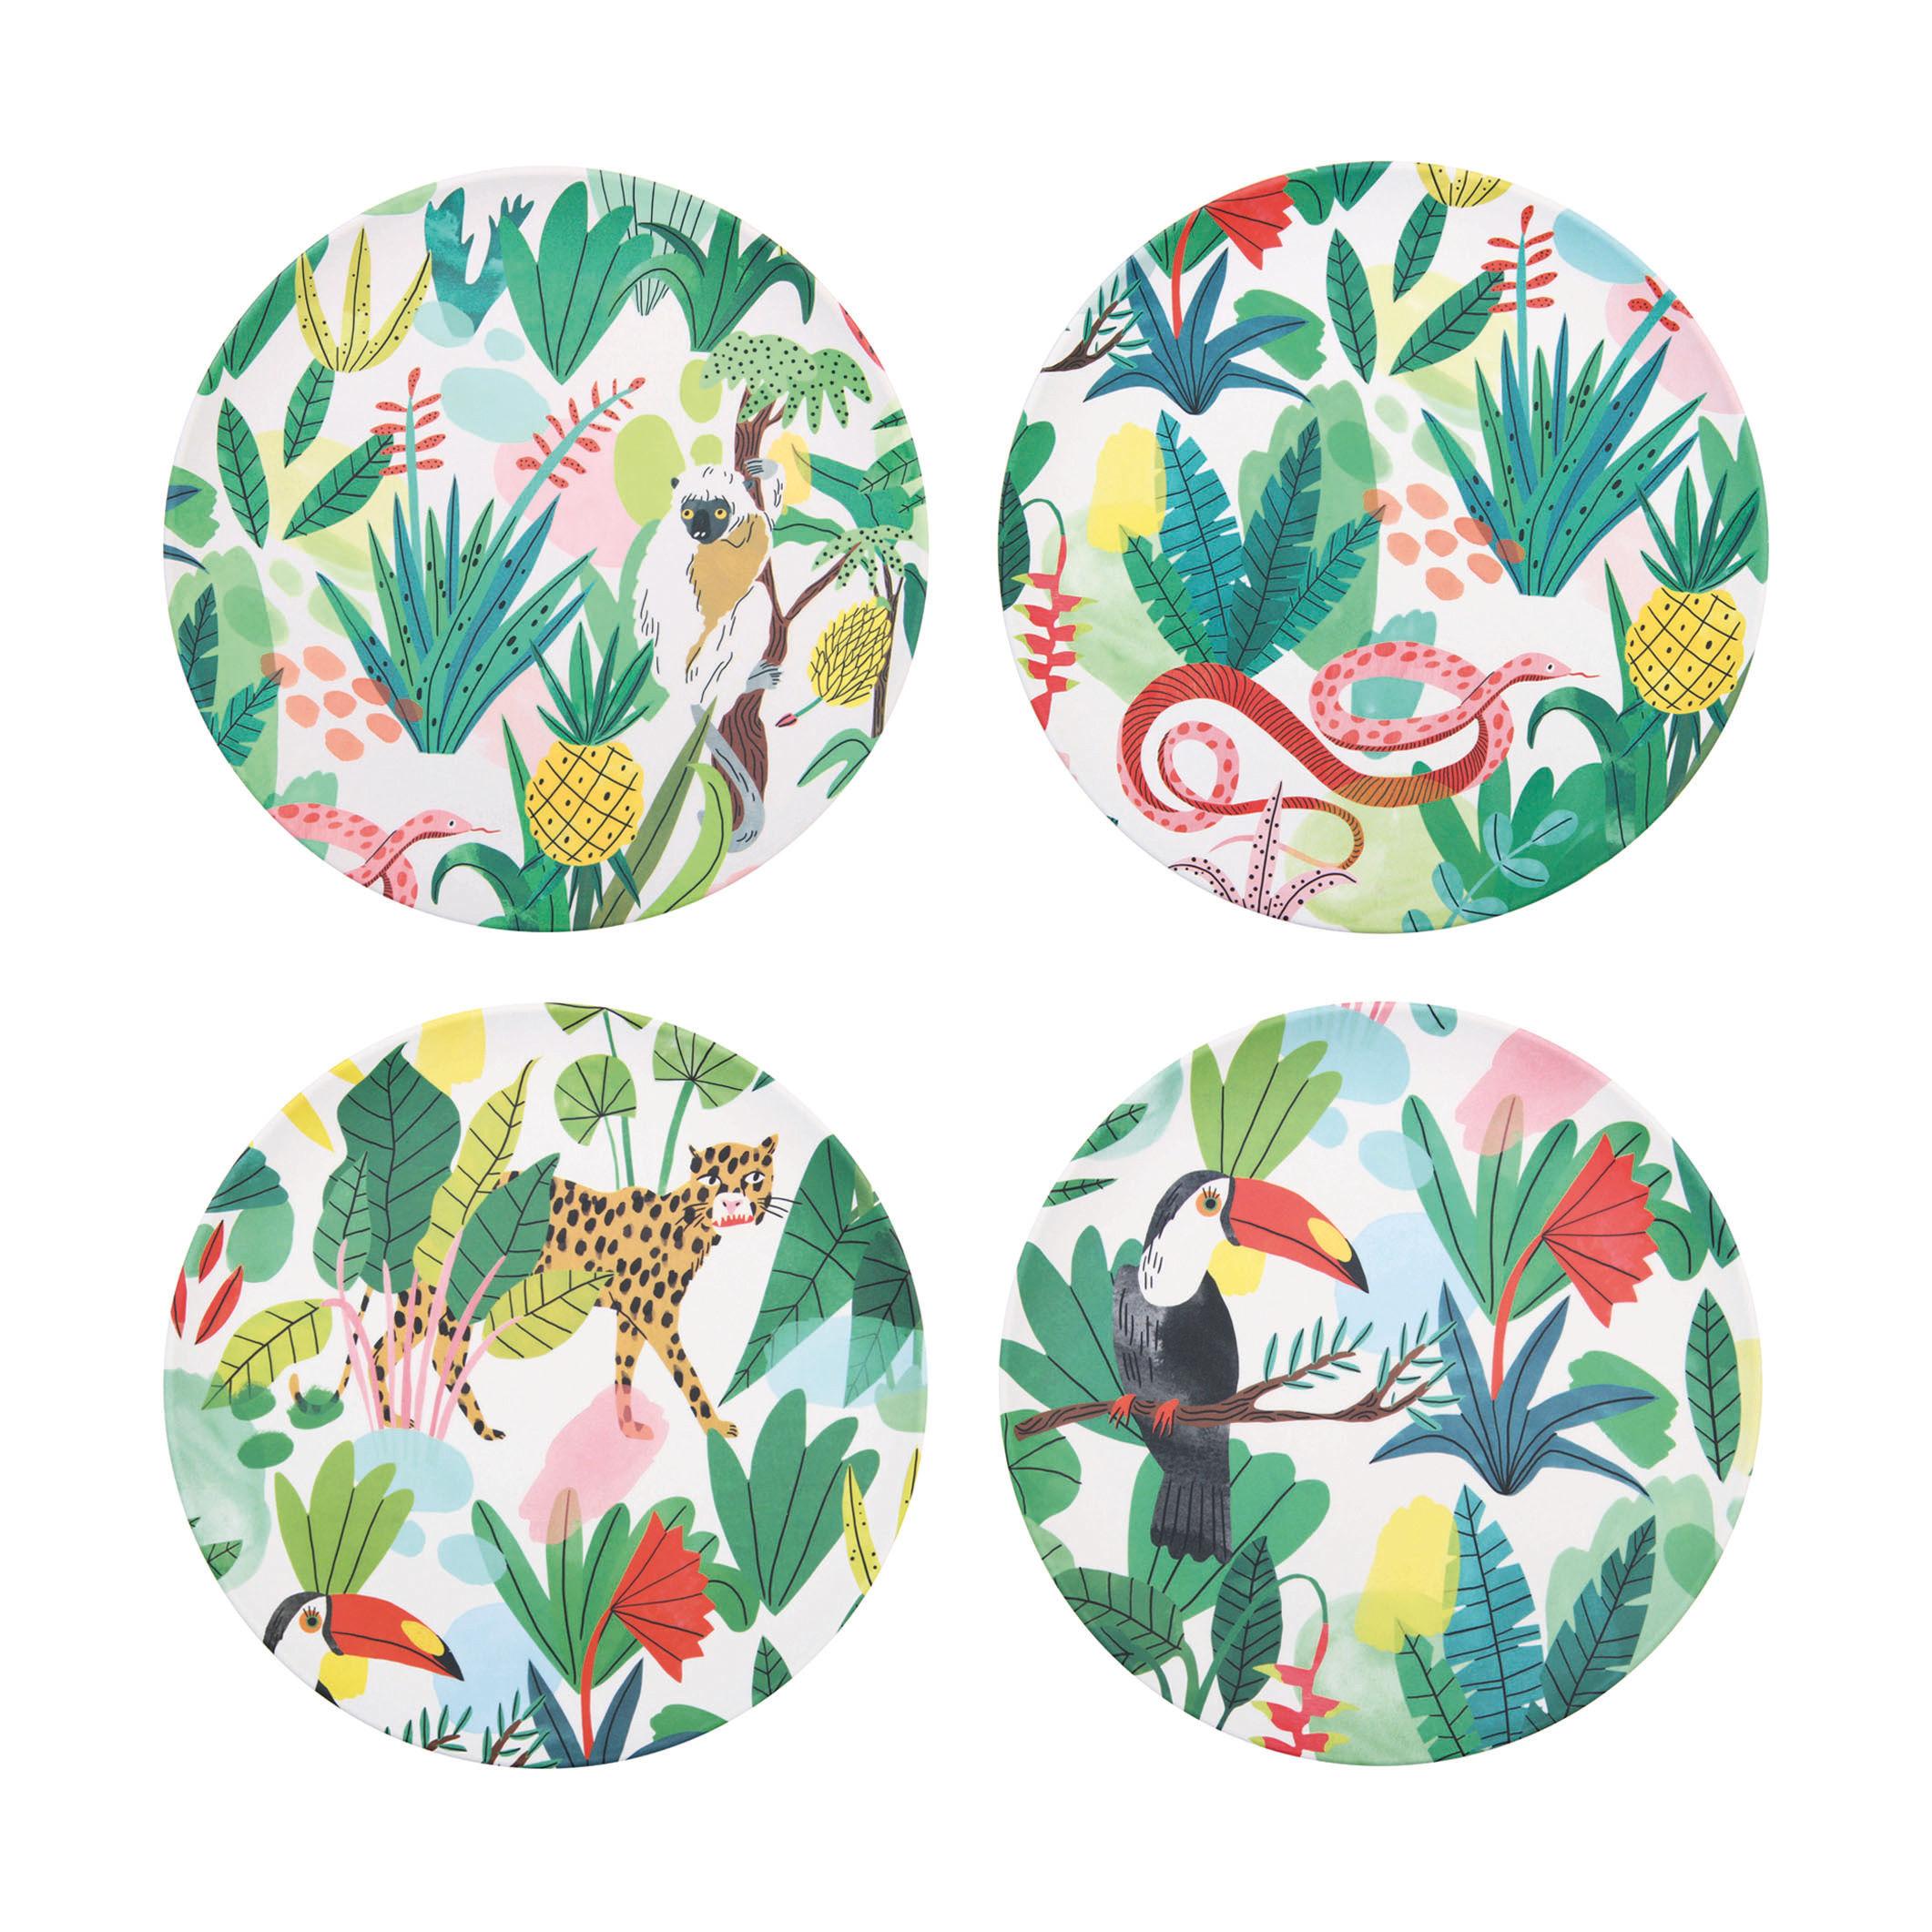 Arts de la table - Assiettes - Assiette Bodil / Set de 4 - Bambou - & klevering - Jungle tropicale - Fibre de bambou